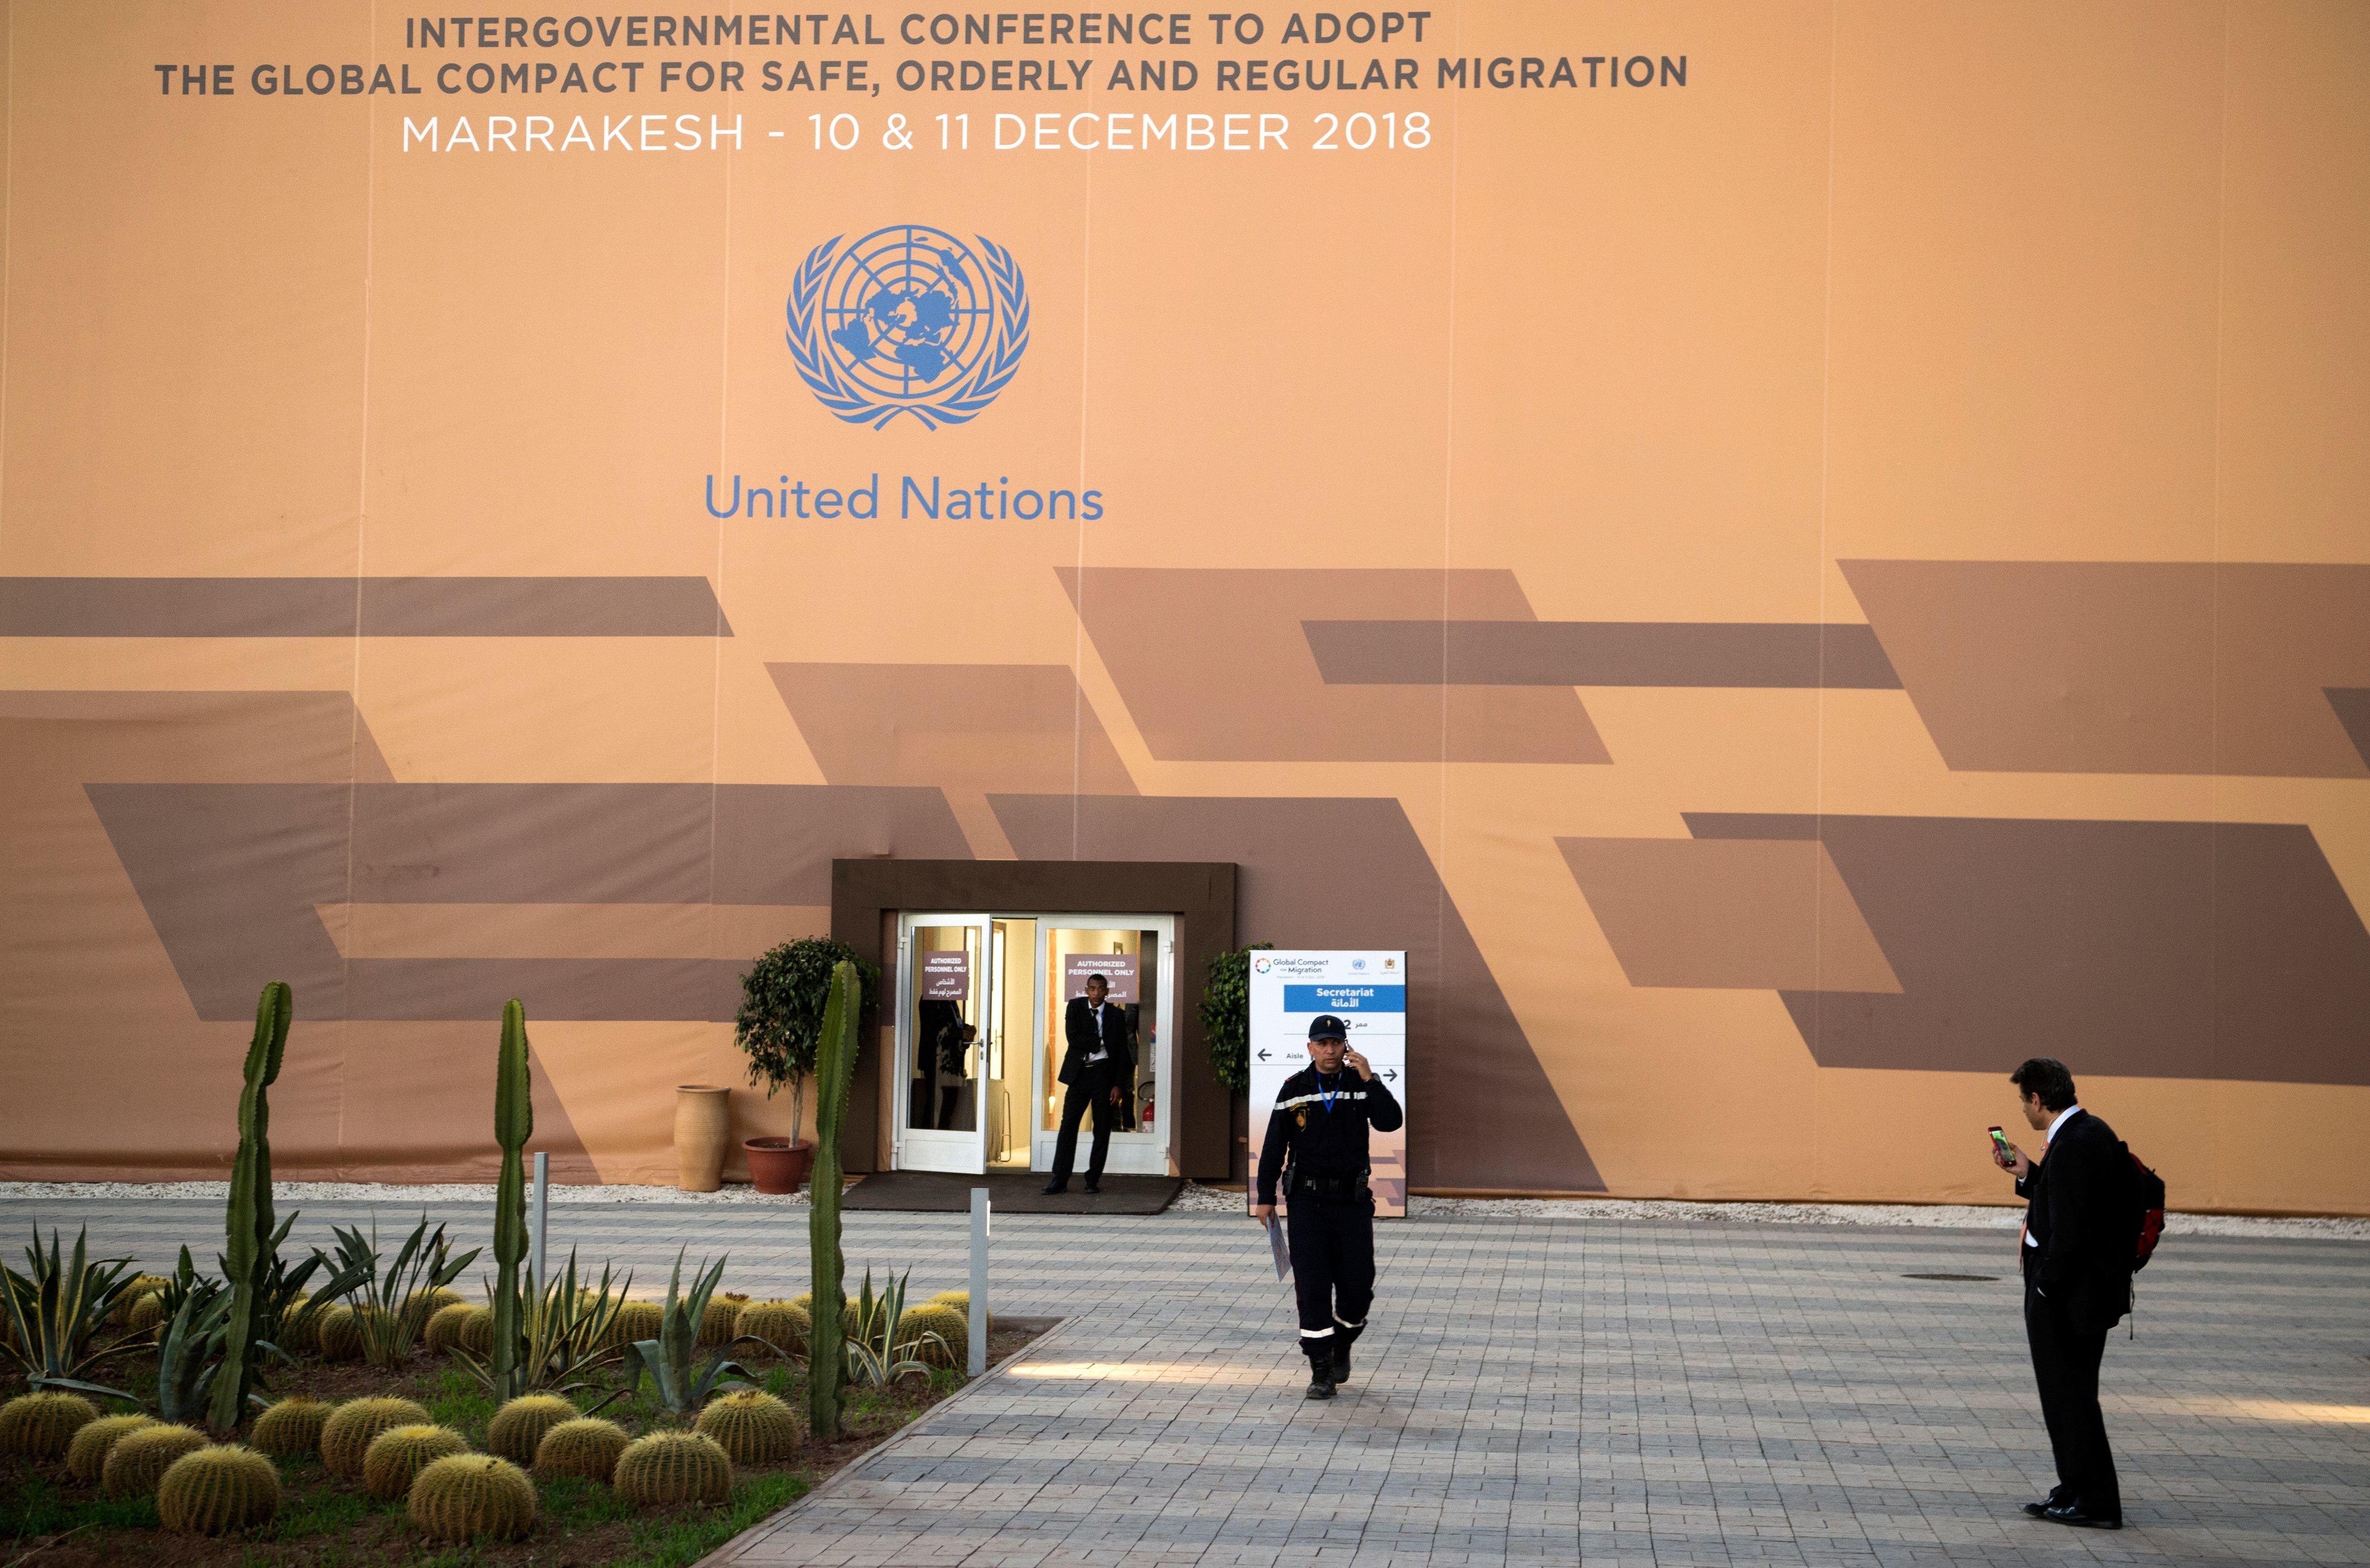 Le Pacte de Marrakech, une ambition qui mérite mieux que